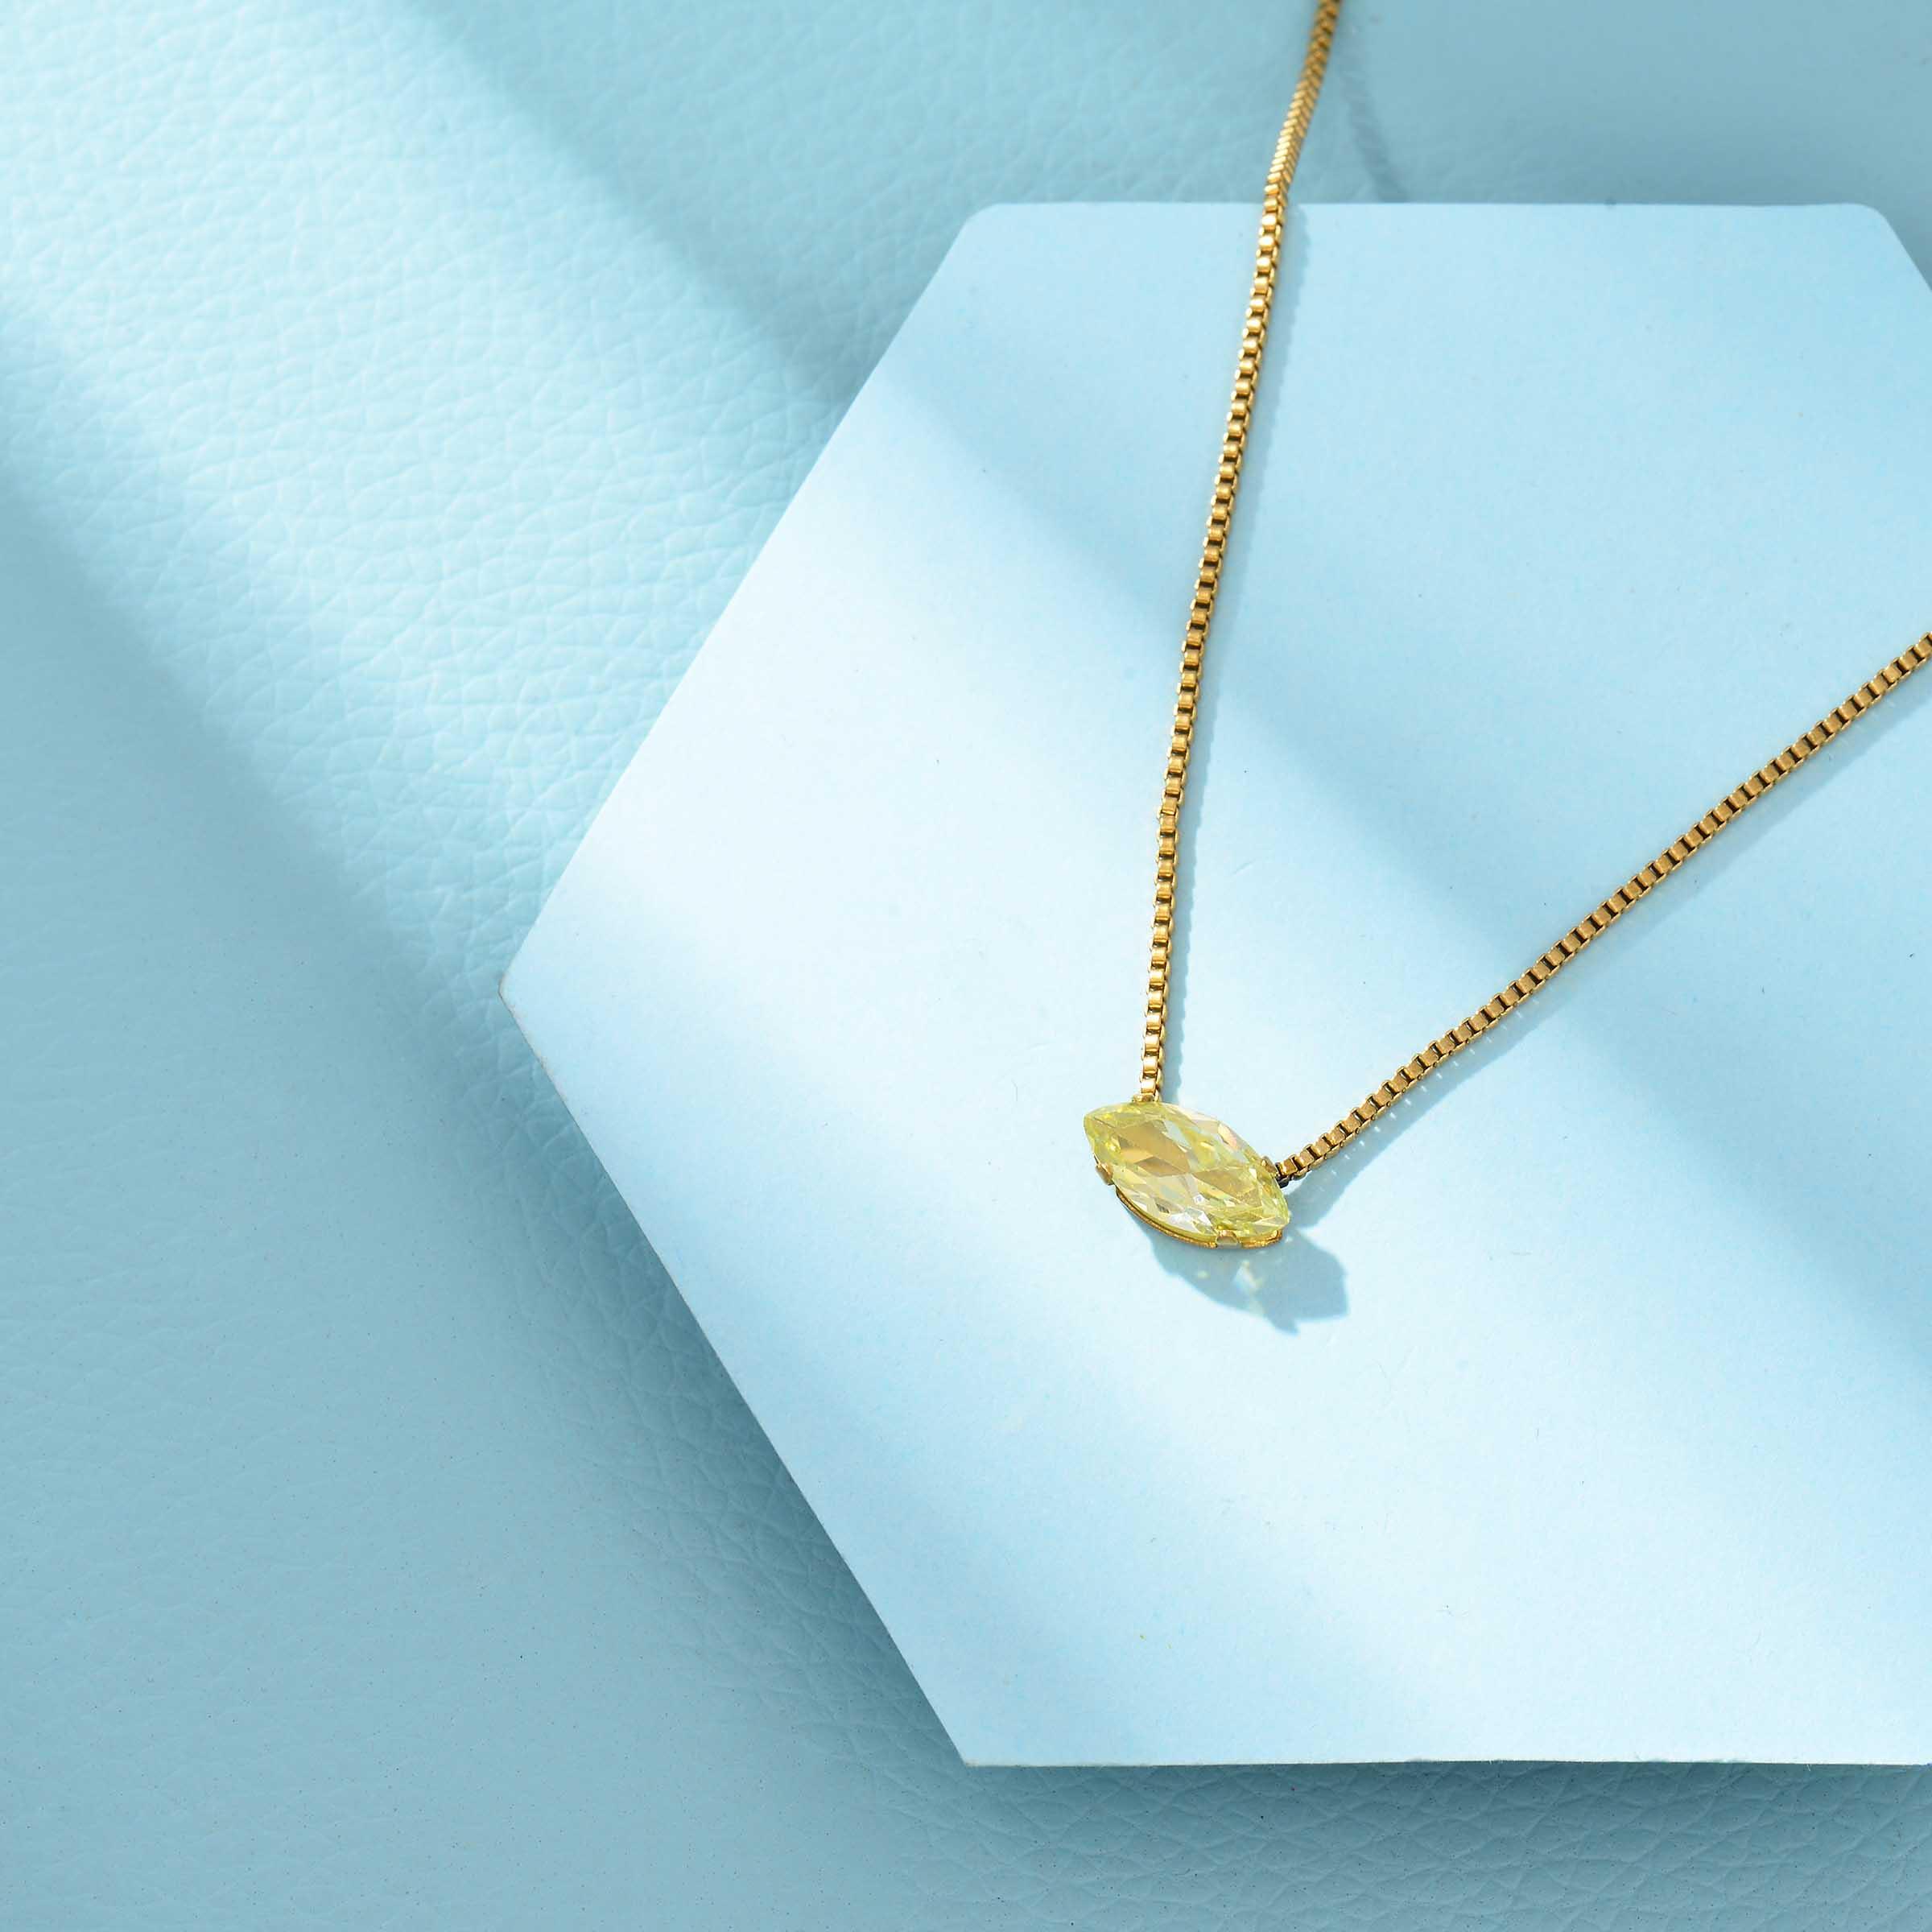 Collares de Acero Inoxidable para Mujer al por Mayor -SSNEG143-33860